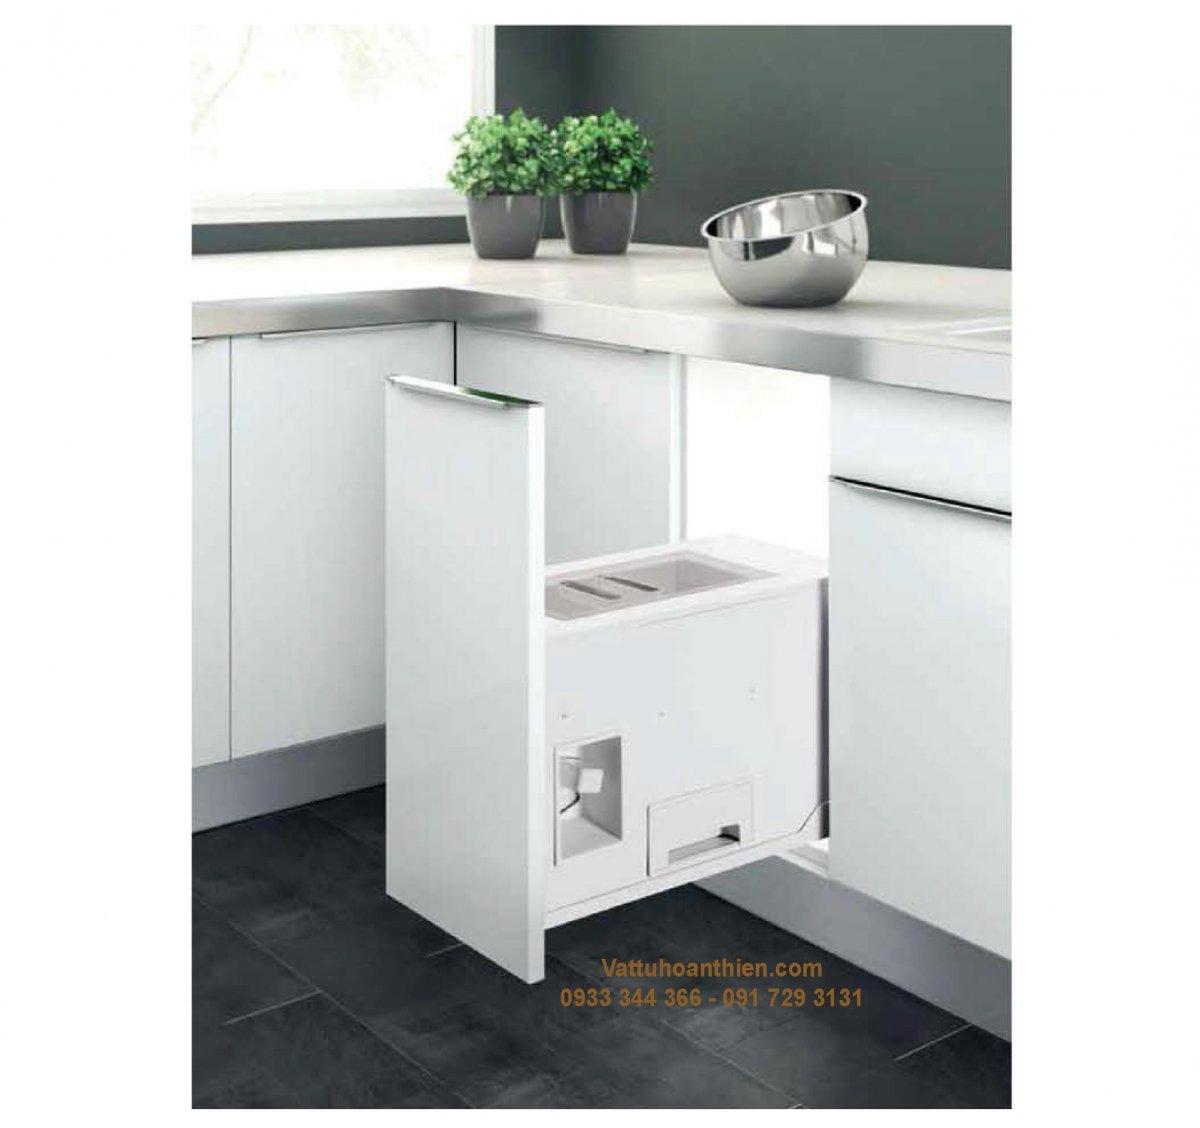 Tủ bếp với thiết kế tủ đựng gạo